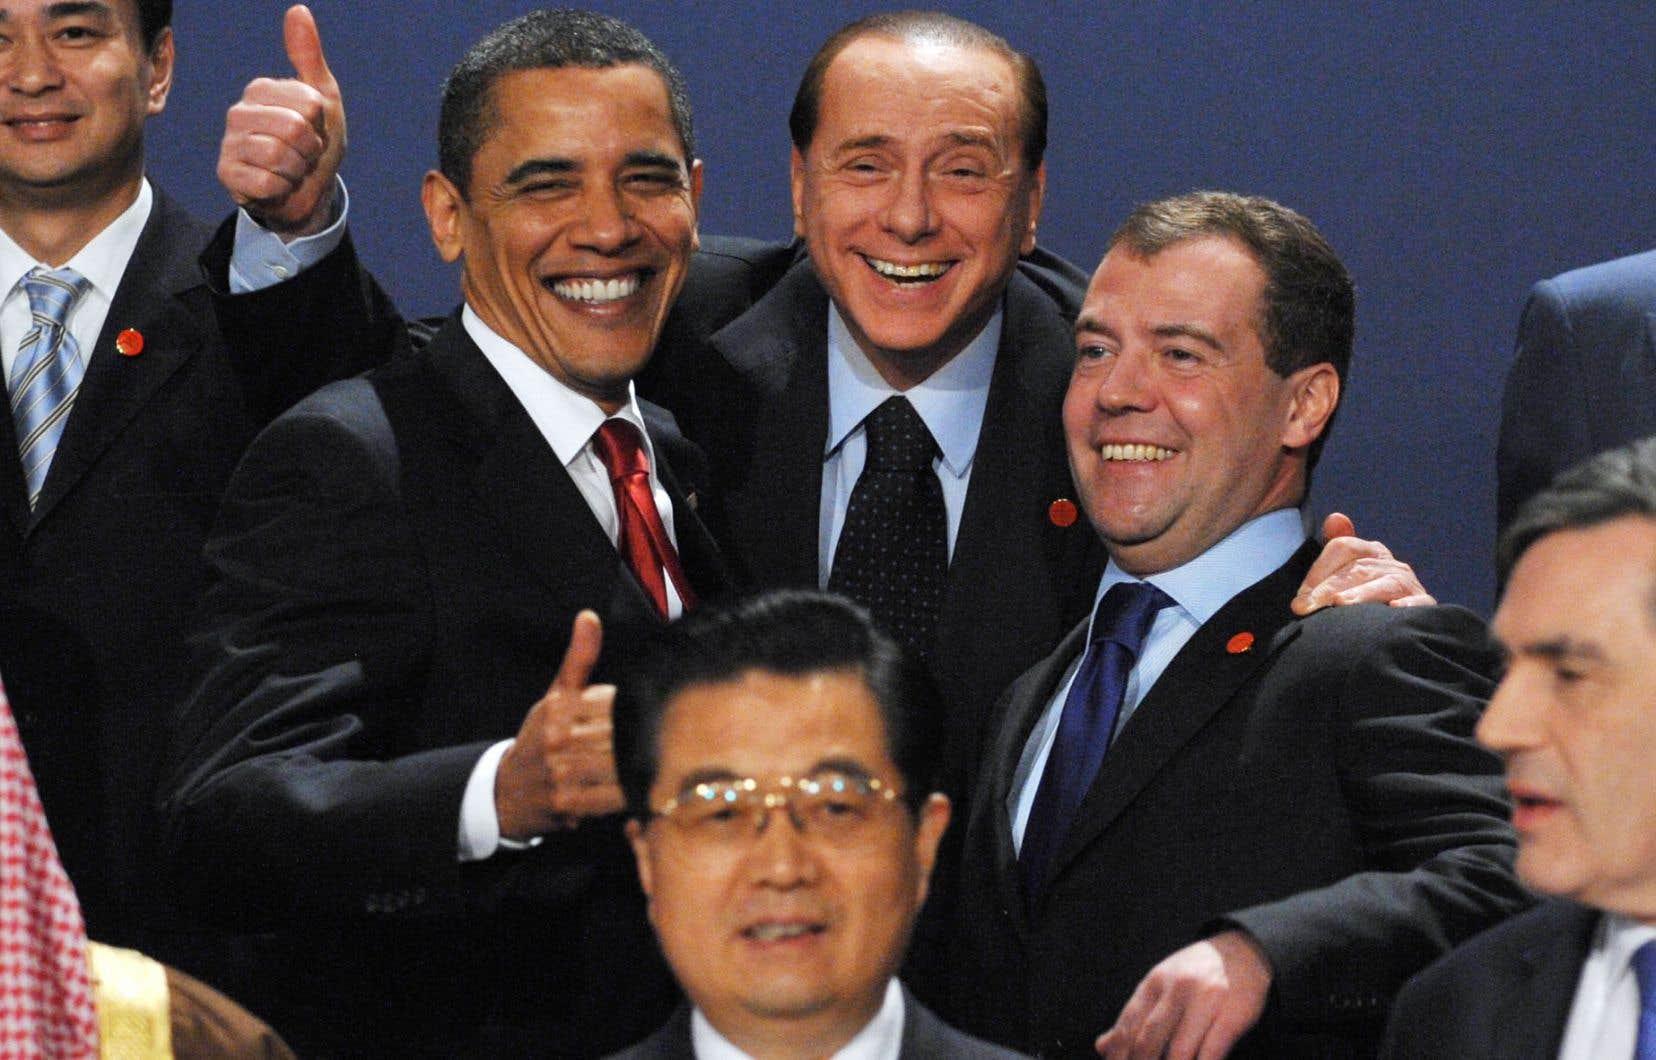 Le président chinois Hu Jintao (en avant-plan) a pris la pose pendant une des premières réunions au sommet du G20, à Londres, en 2009, avec notamment le président américain Barack Obama, le premier ministre italien Silvio Berlusconi et le président russe Dmitry Medvedev.